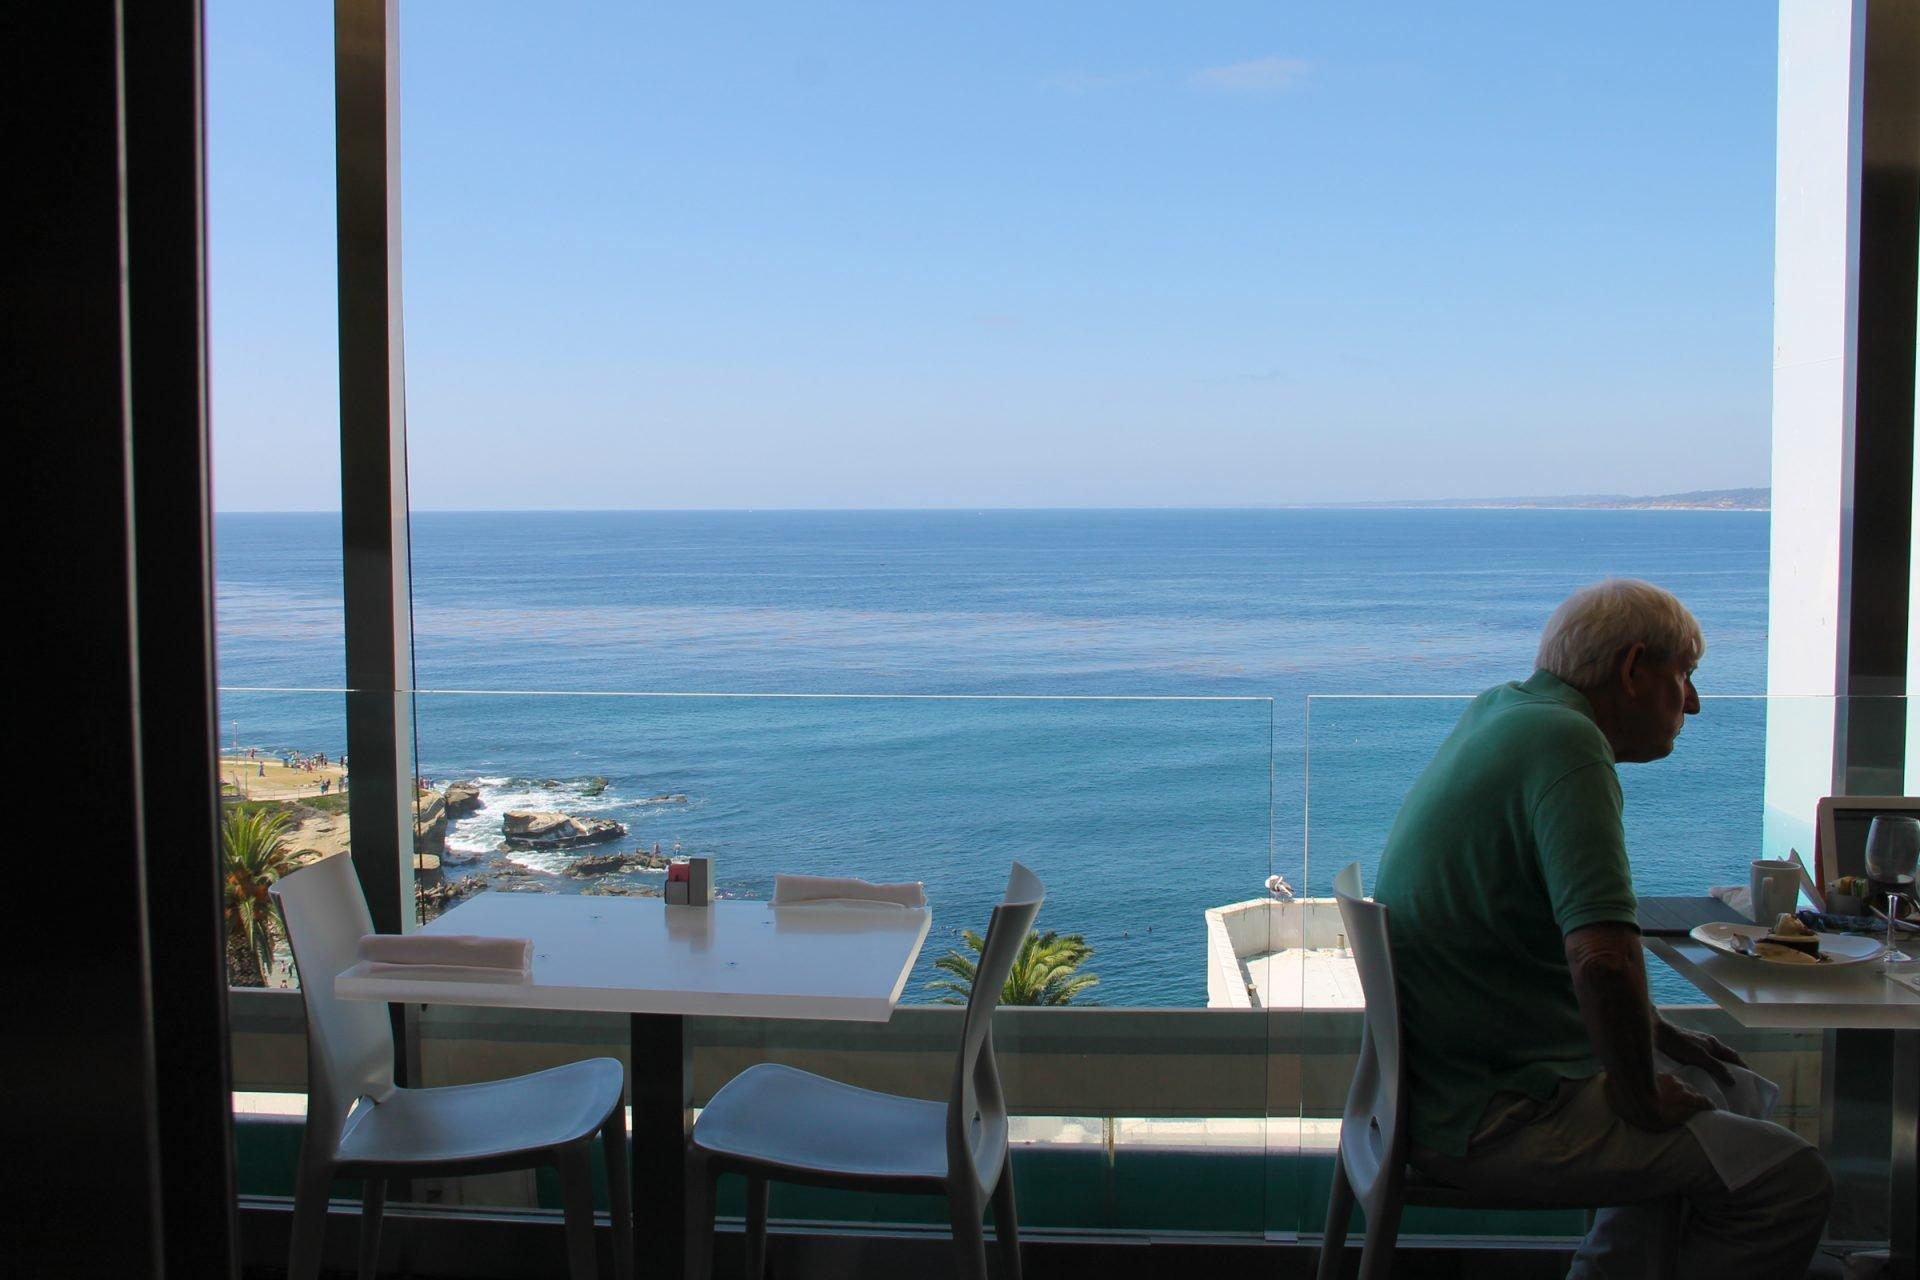 Elderly Man Sitting in Restaurant by Ocean